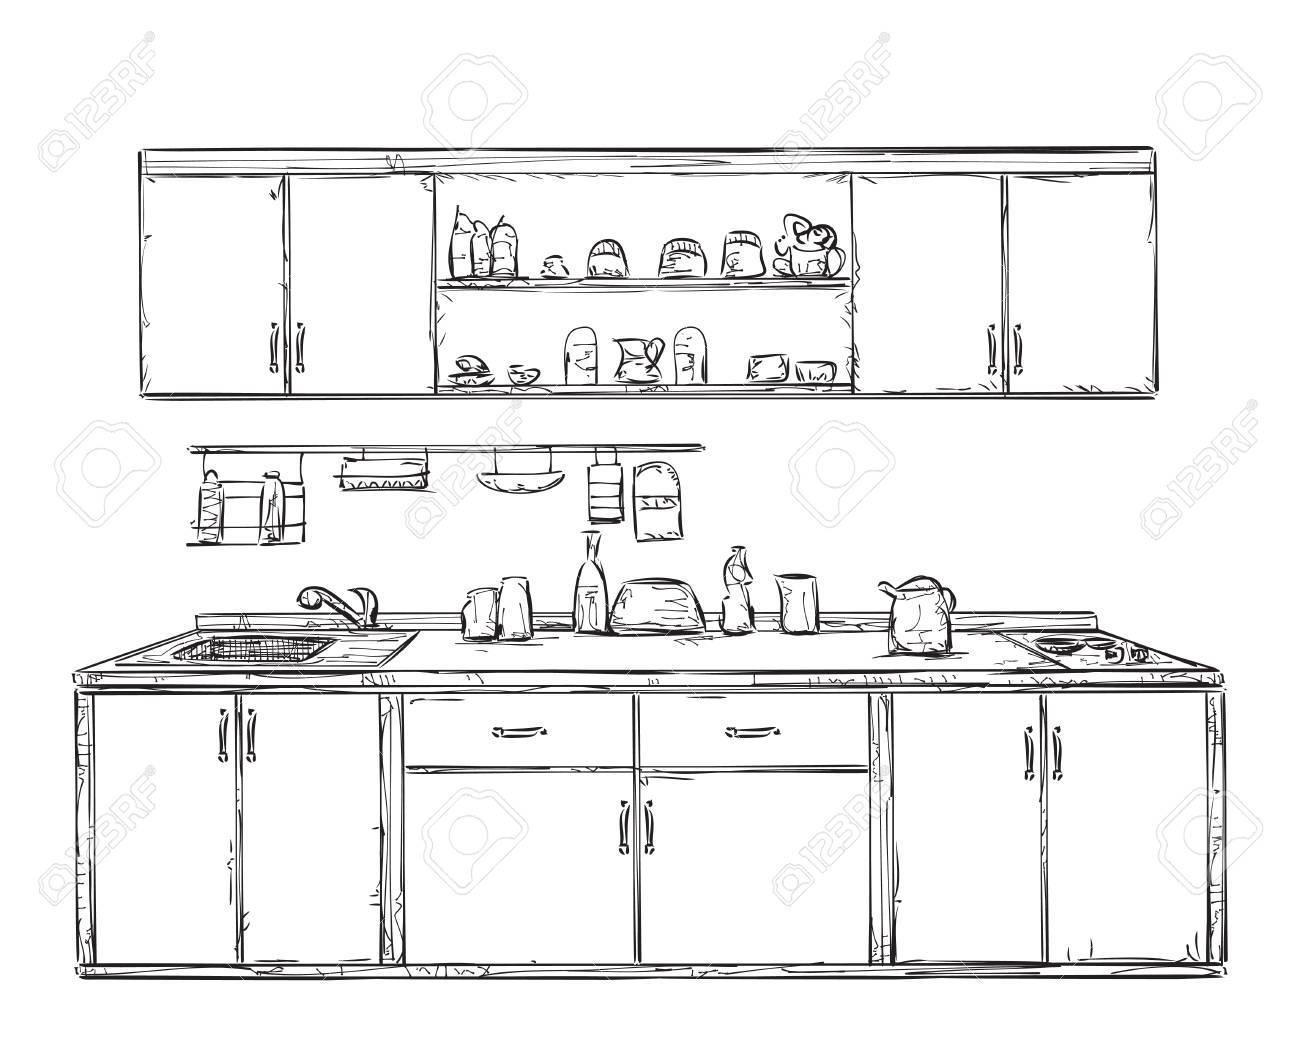 Schrank gezeichnet  Küchenschrank, Küchenregal, Von Hand Gezeichnet Inter Lizenzfrei ...